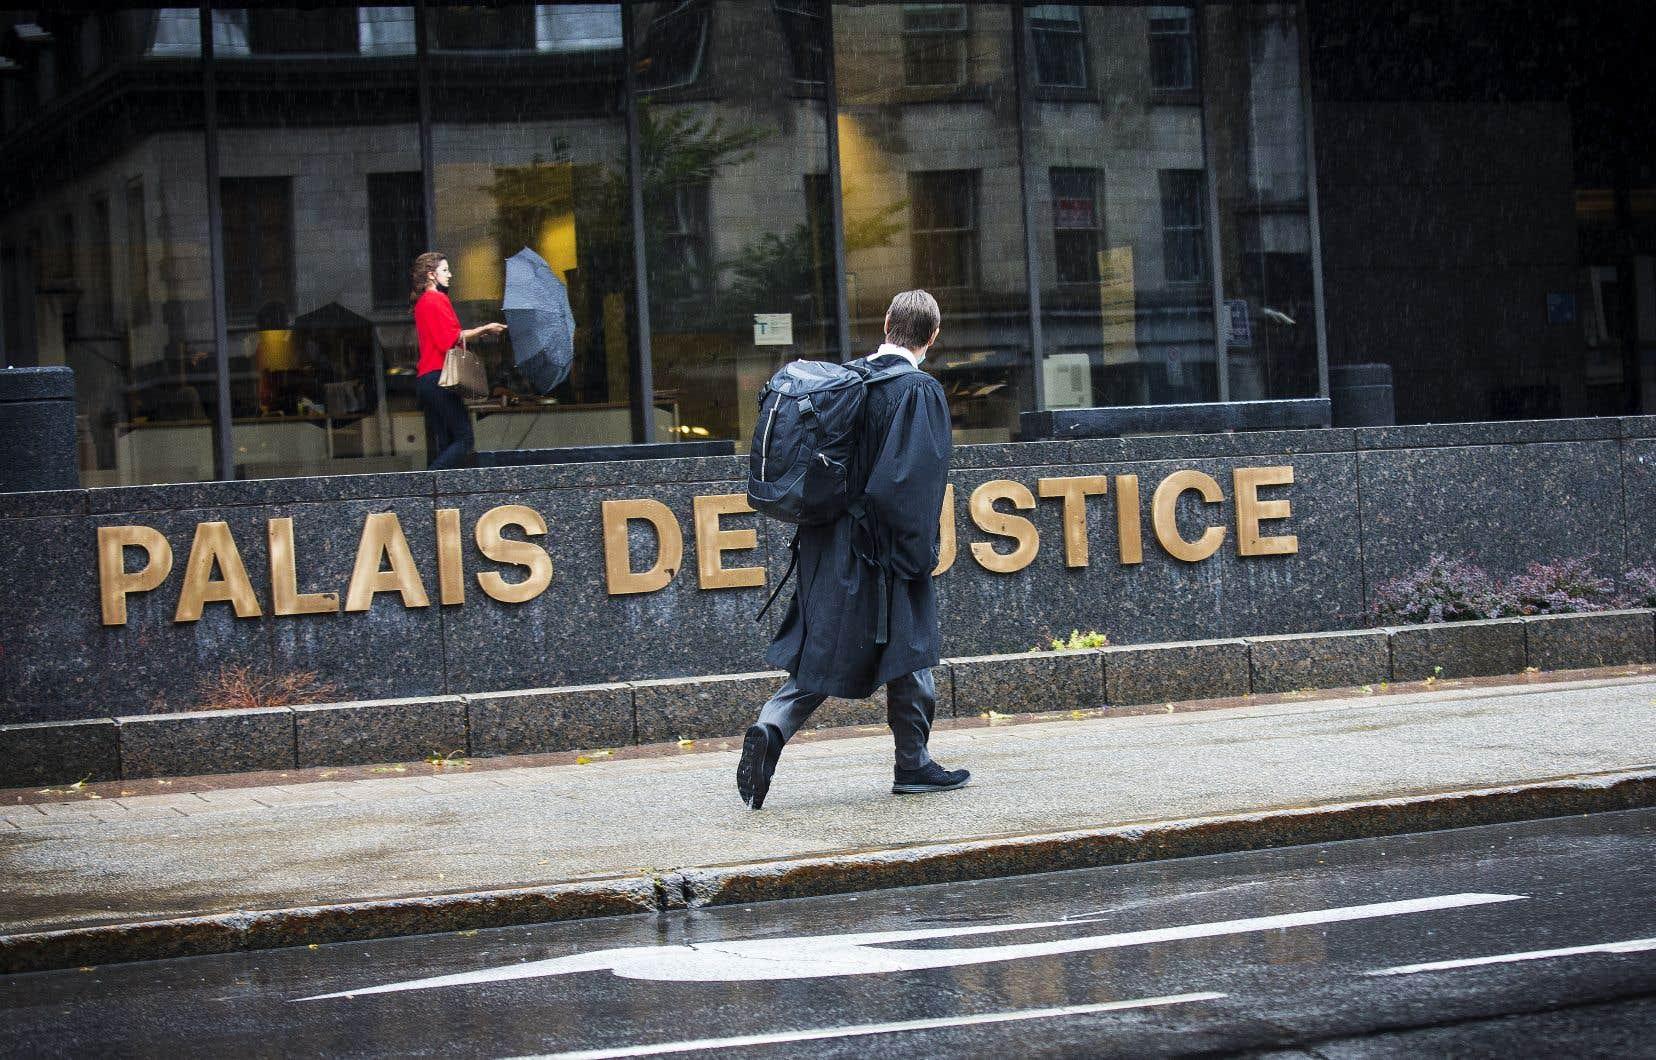 Identifié devant la cour par les initiales A.B, l'artiste s'est adressé au tribunal le 4juin dernier pour obtenir la permission de préserver son identité pour ne pas nuire à son image.